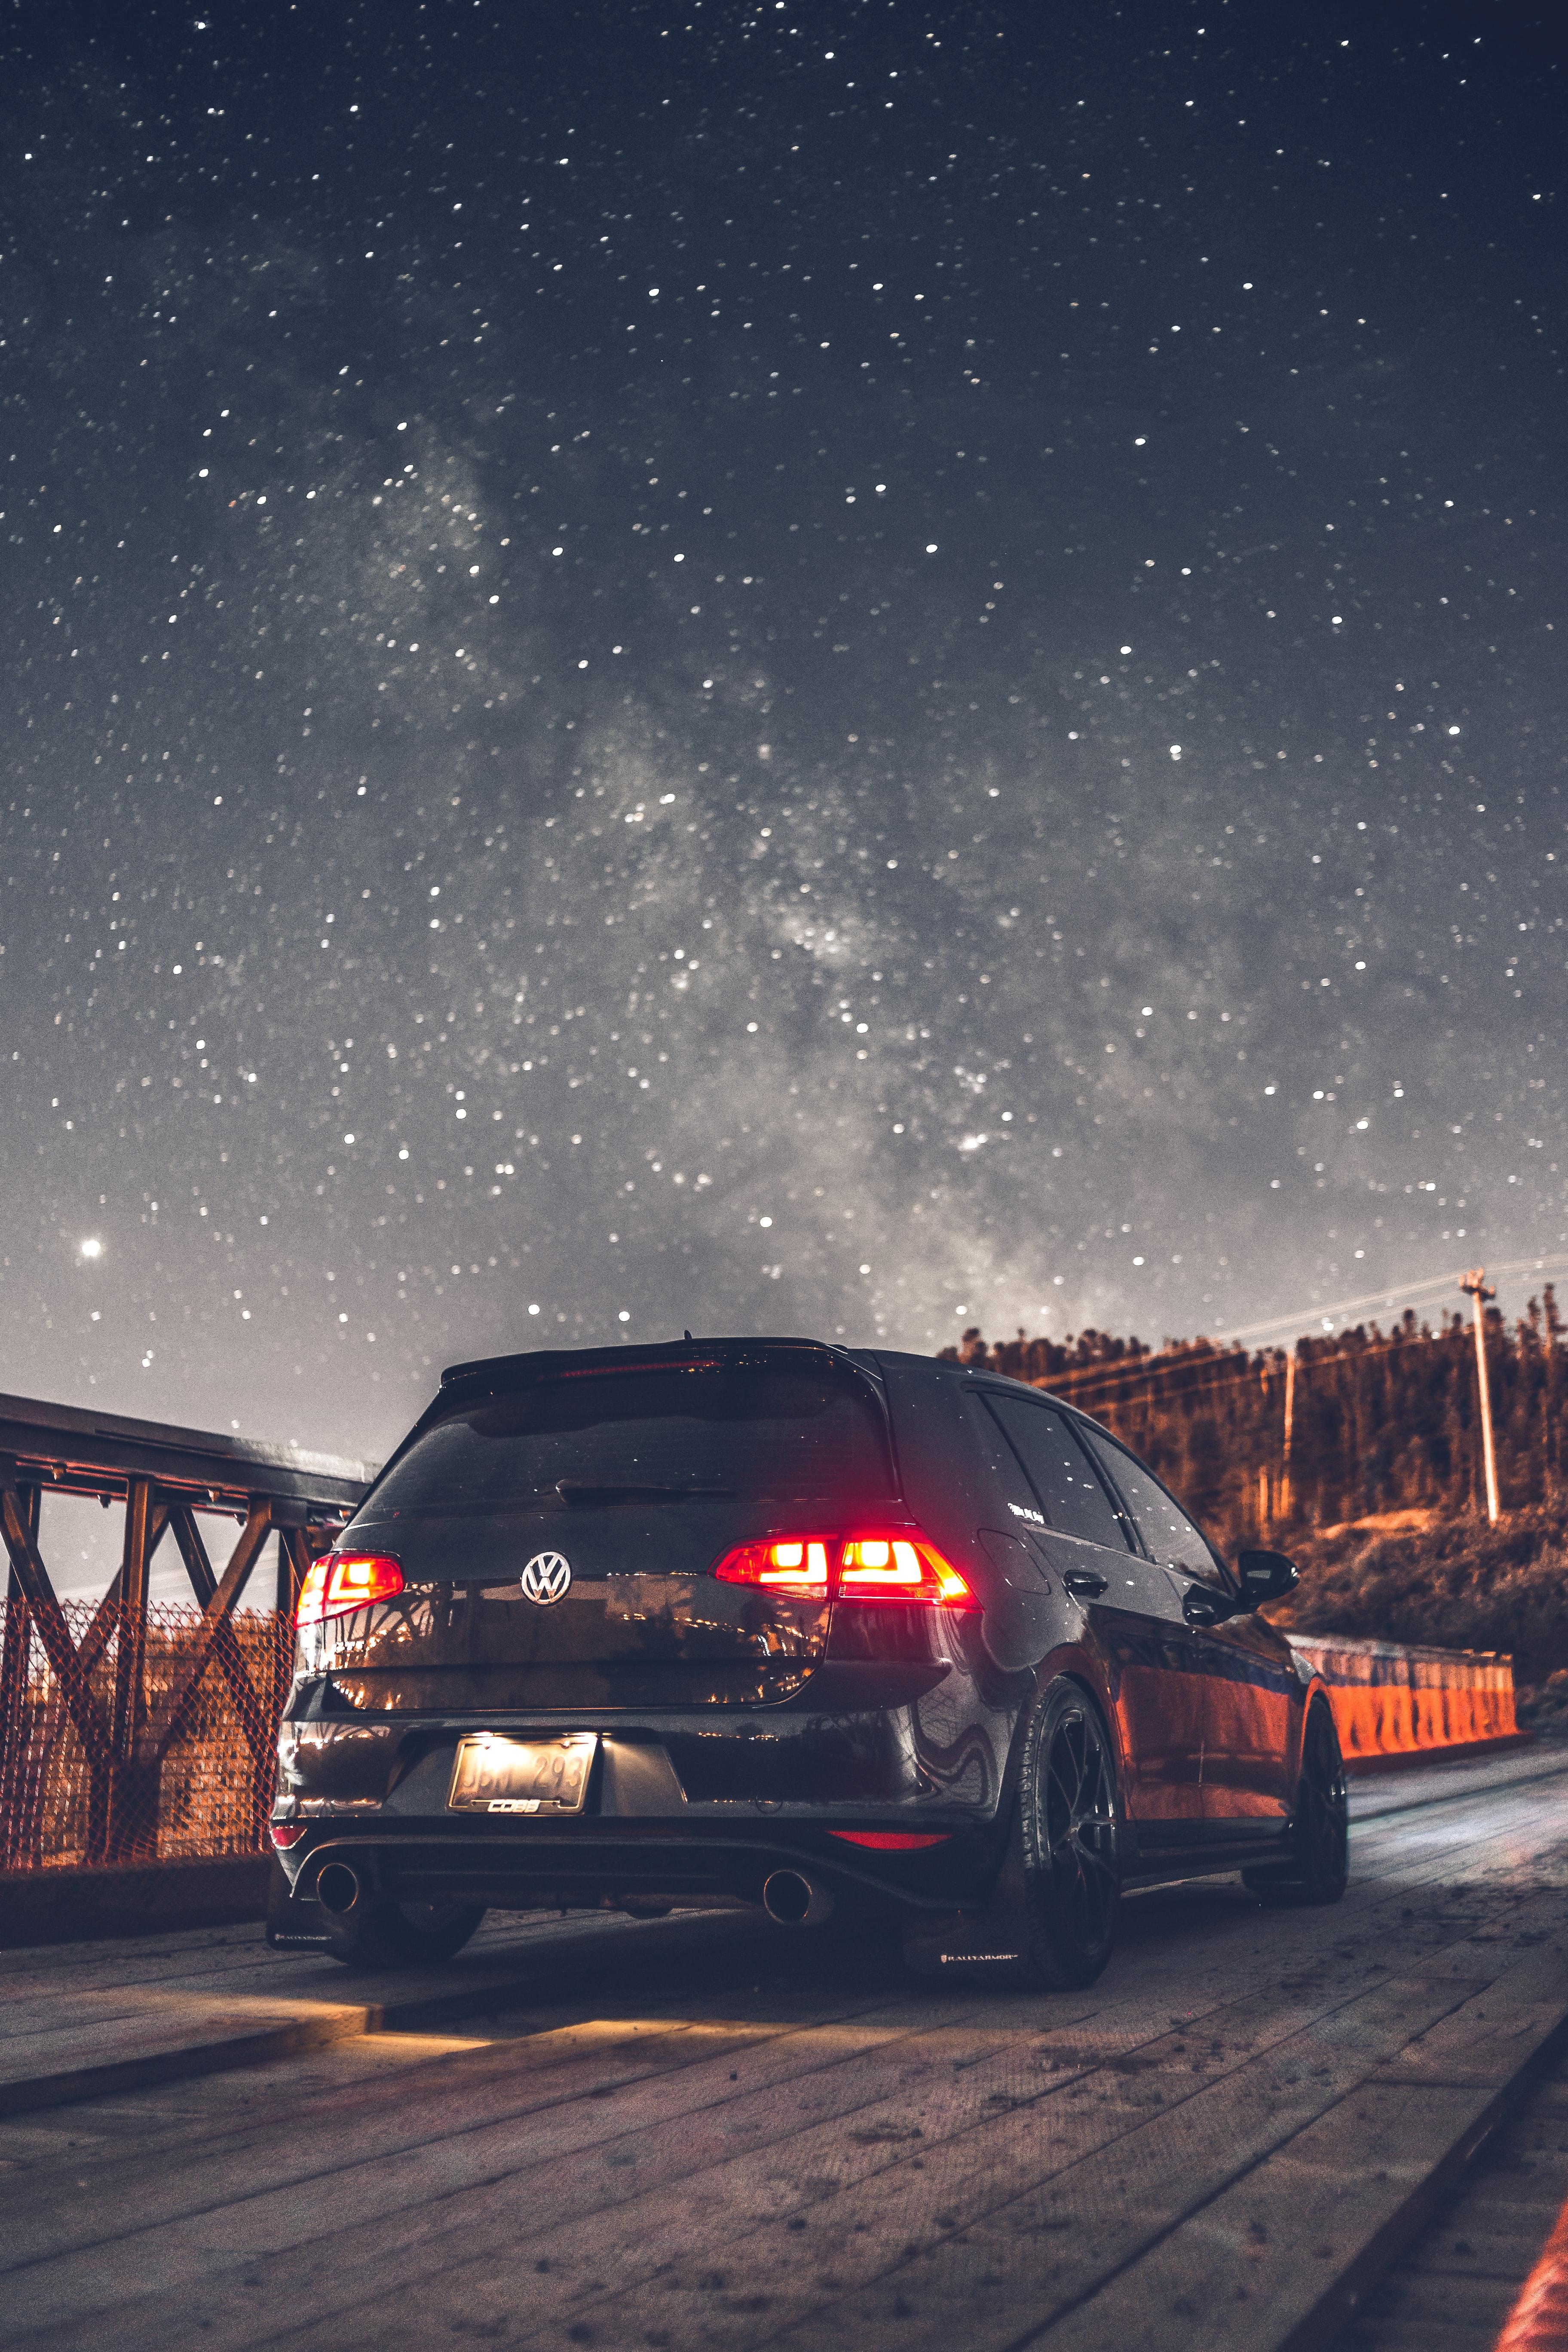 Beliebte Volkswagen Bilder für Mobiltelefone